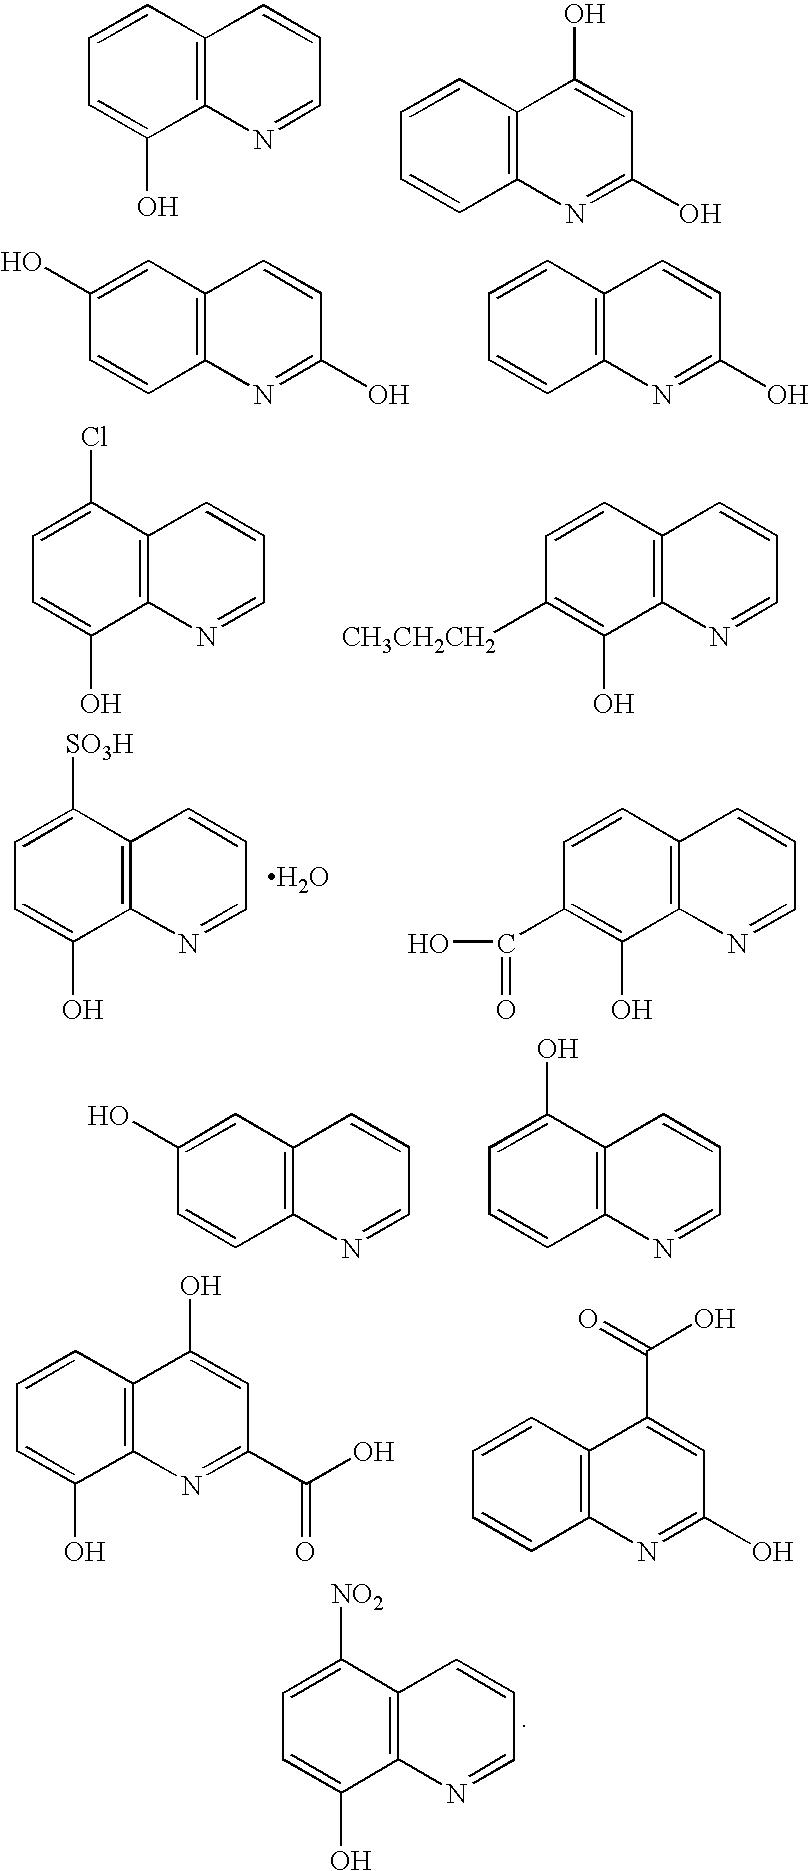 Figure US20090246662A1-20091001-C00002